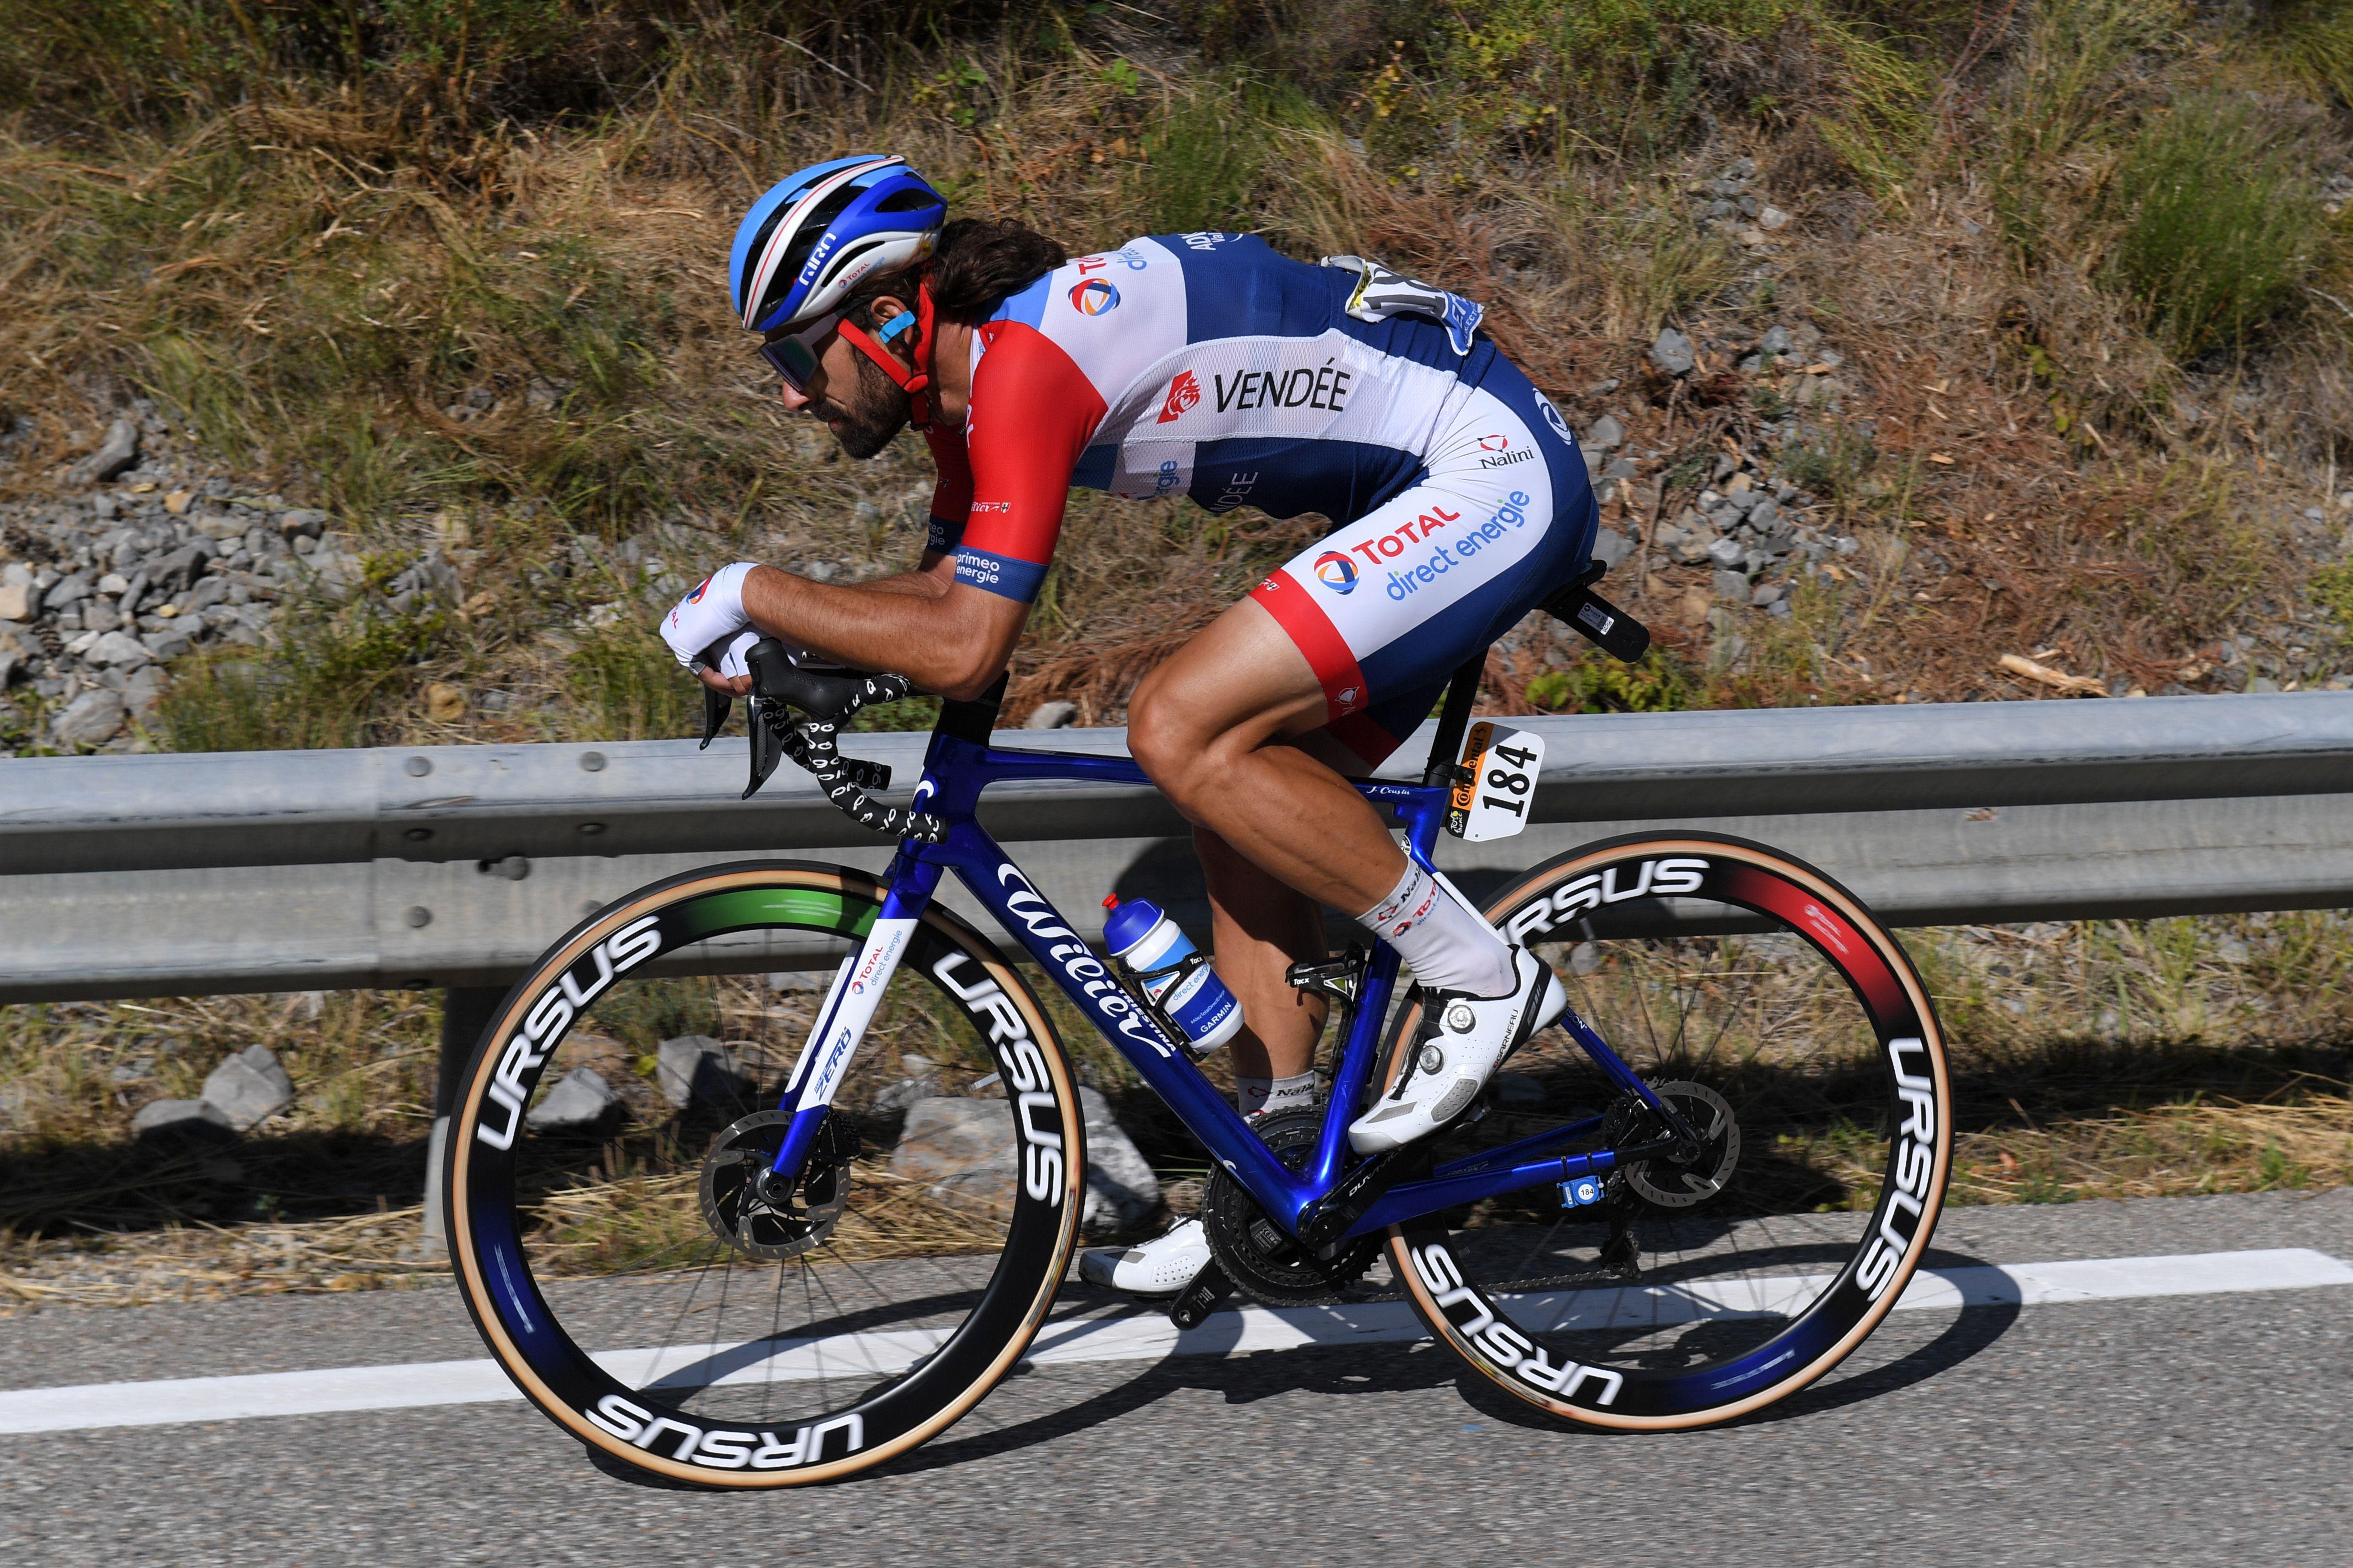 107th Tour de France 2020 - Stage 3